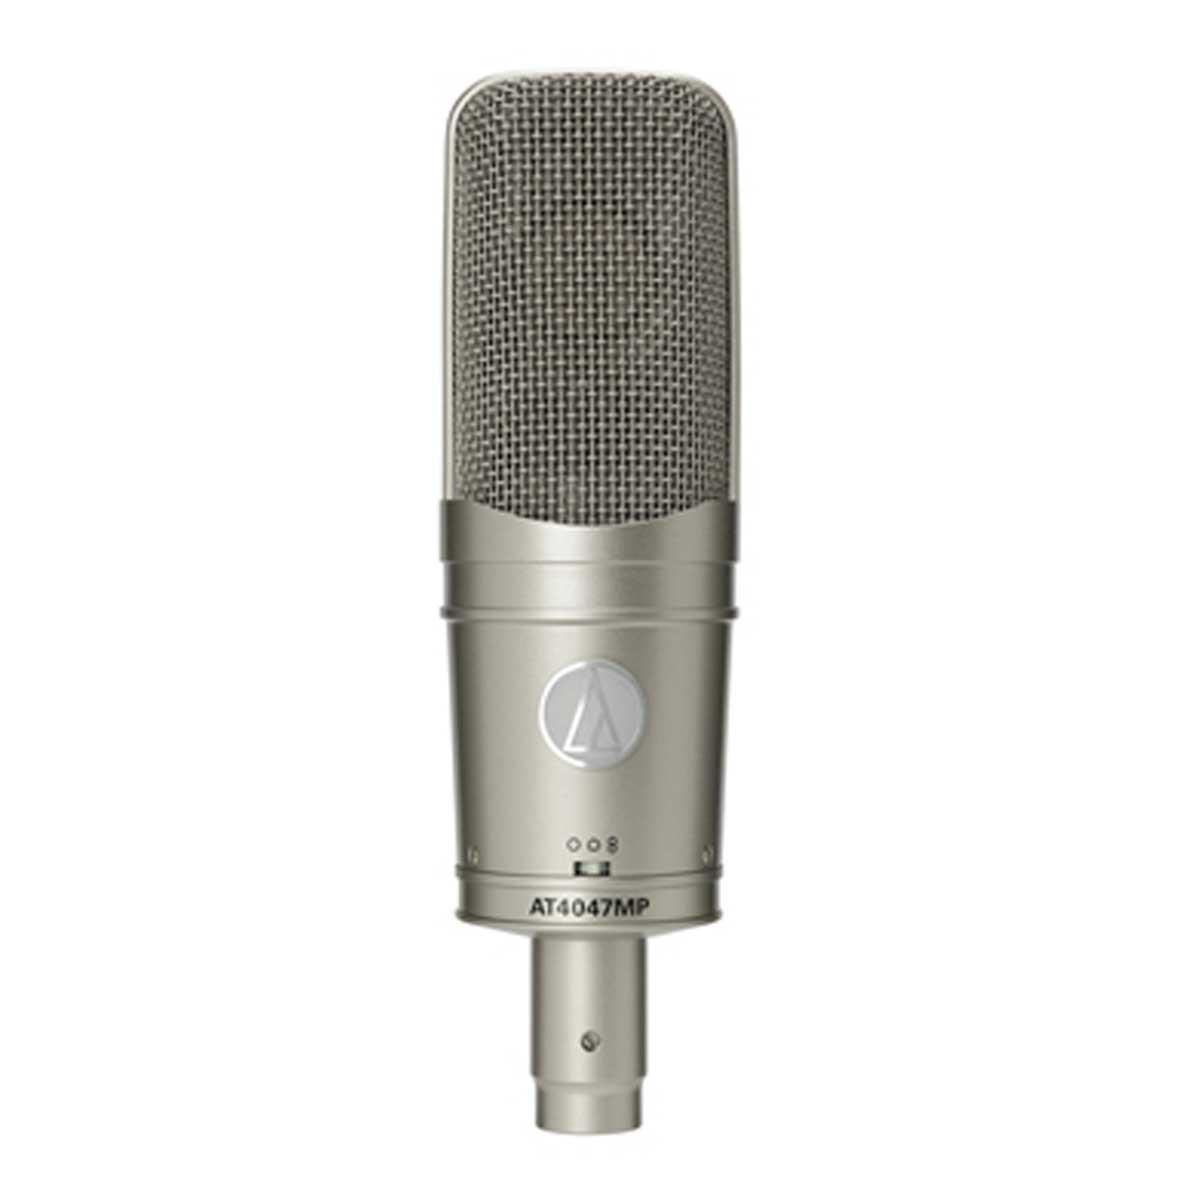 audio-technica オーディオテクニカ / AT4047MP マルチパターン・コンデンサー・サイドアドレスマイクロホン (ショックマウント:AT8449a/SV付属)